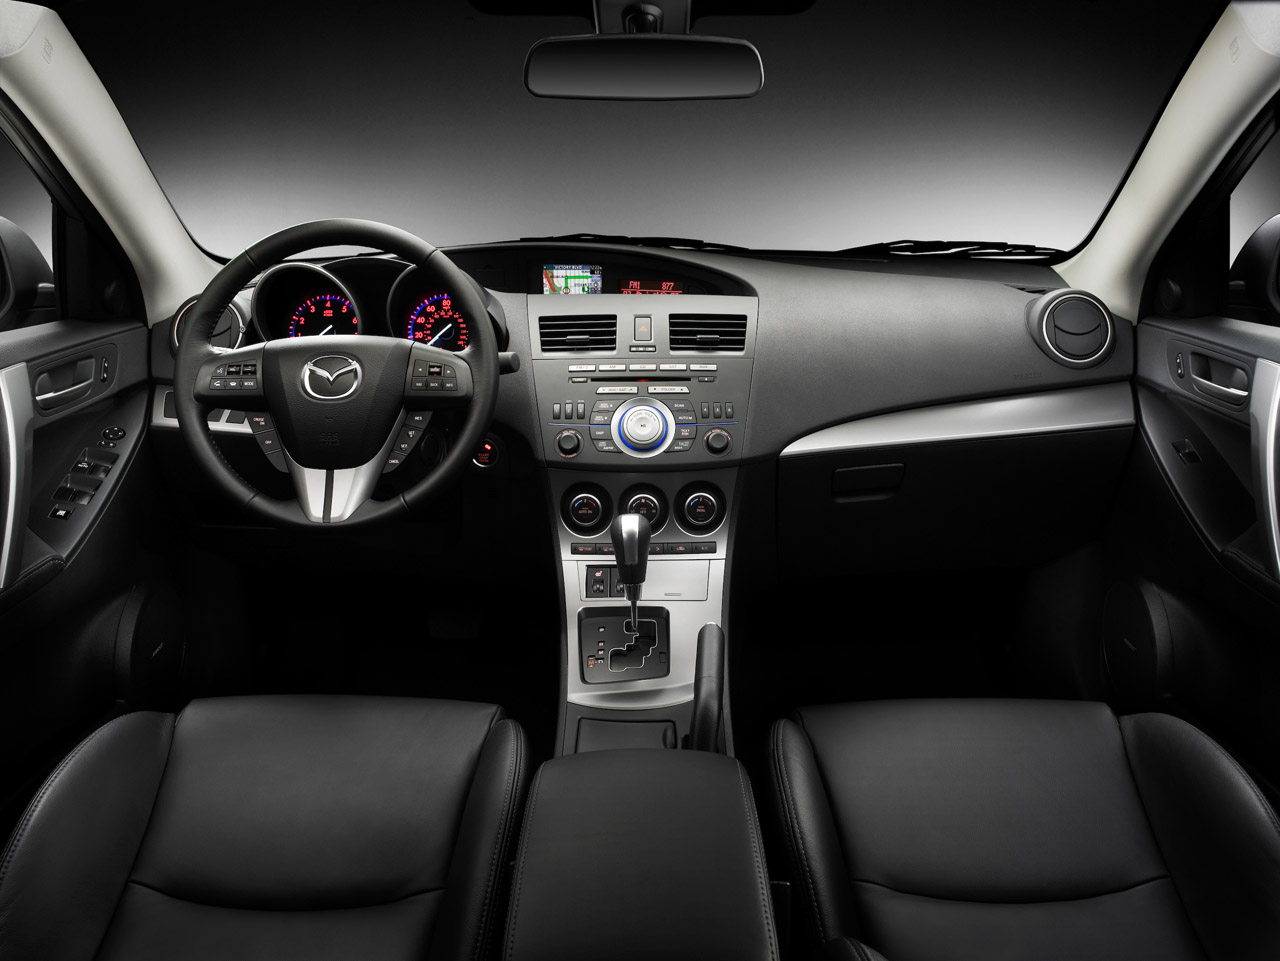 2010 Mazda3 Sees Daylight In La Autoevolution